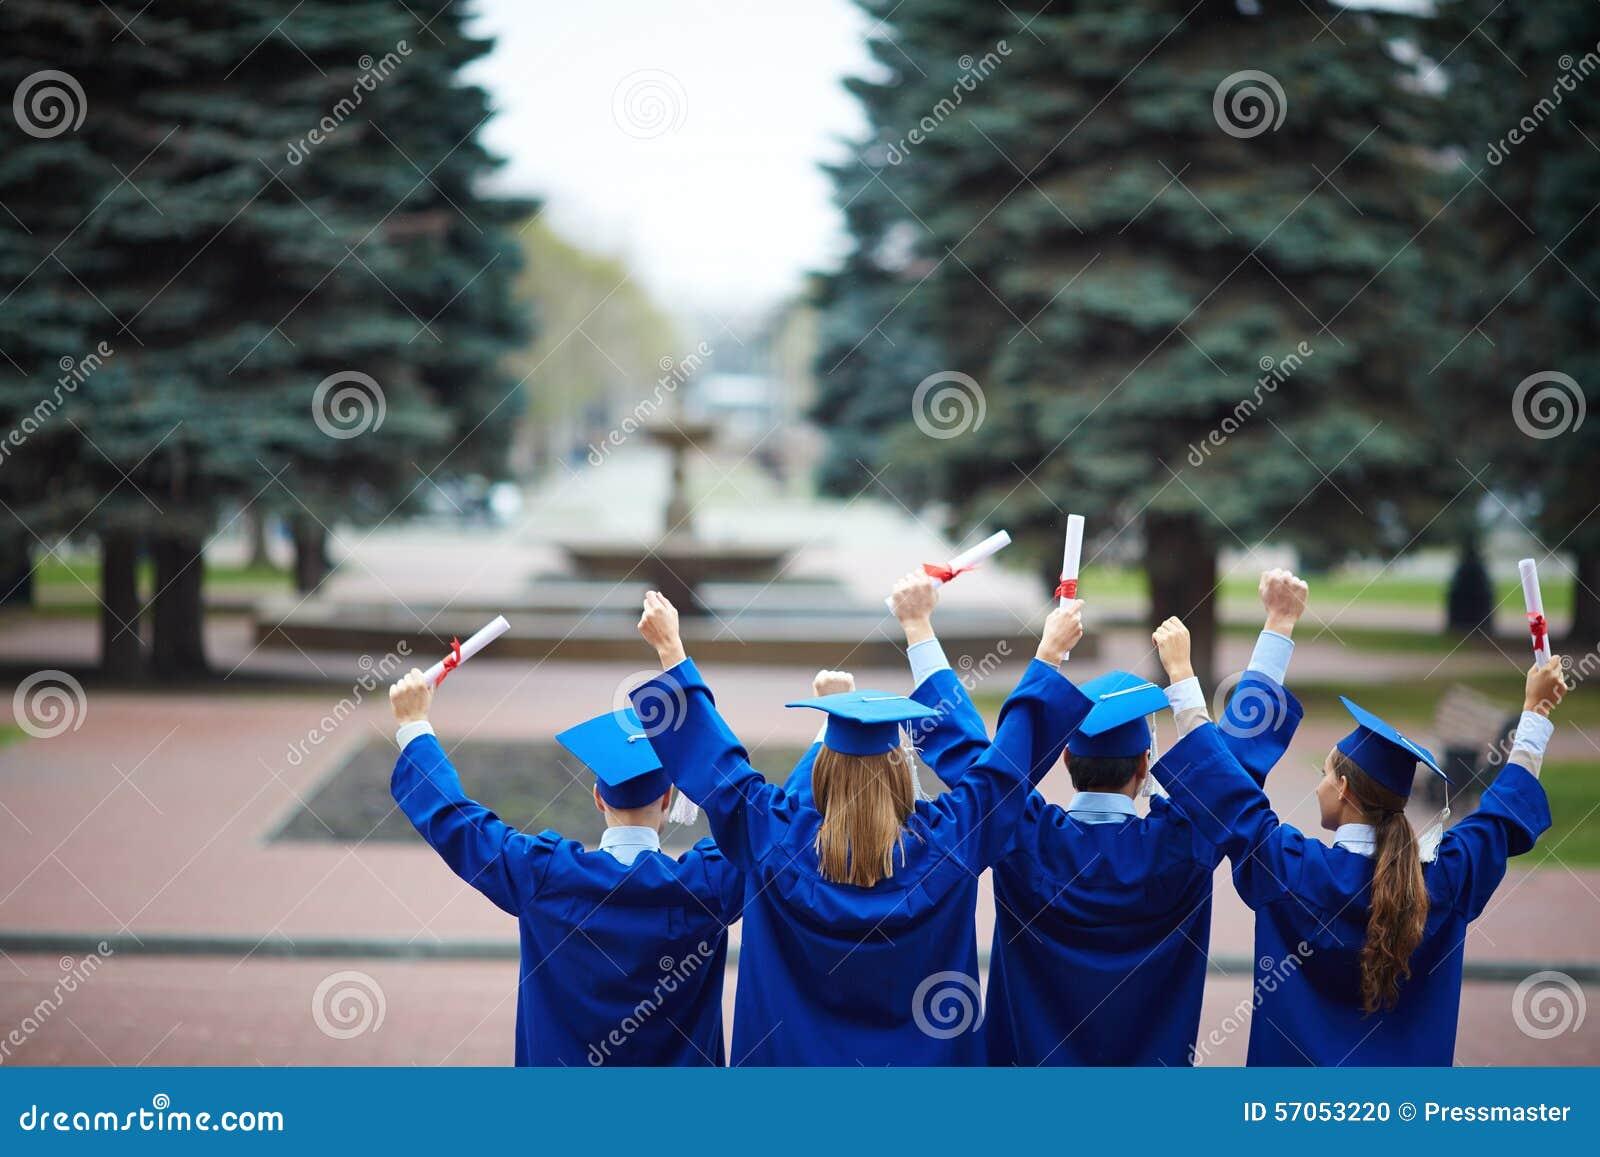 Ruggen van gediplomeerden